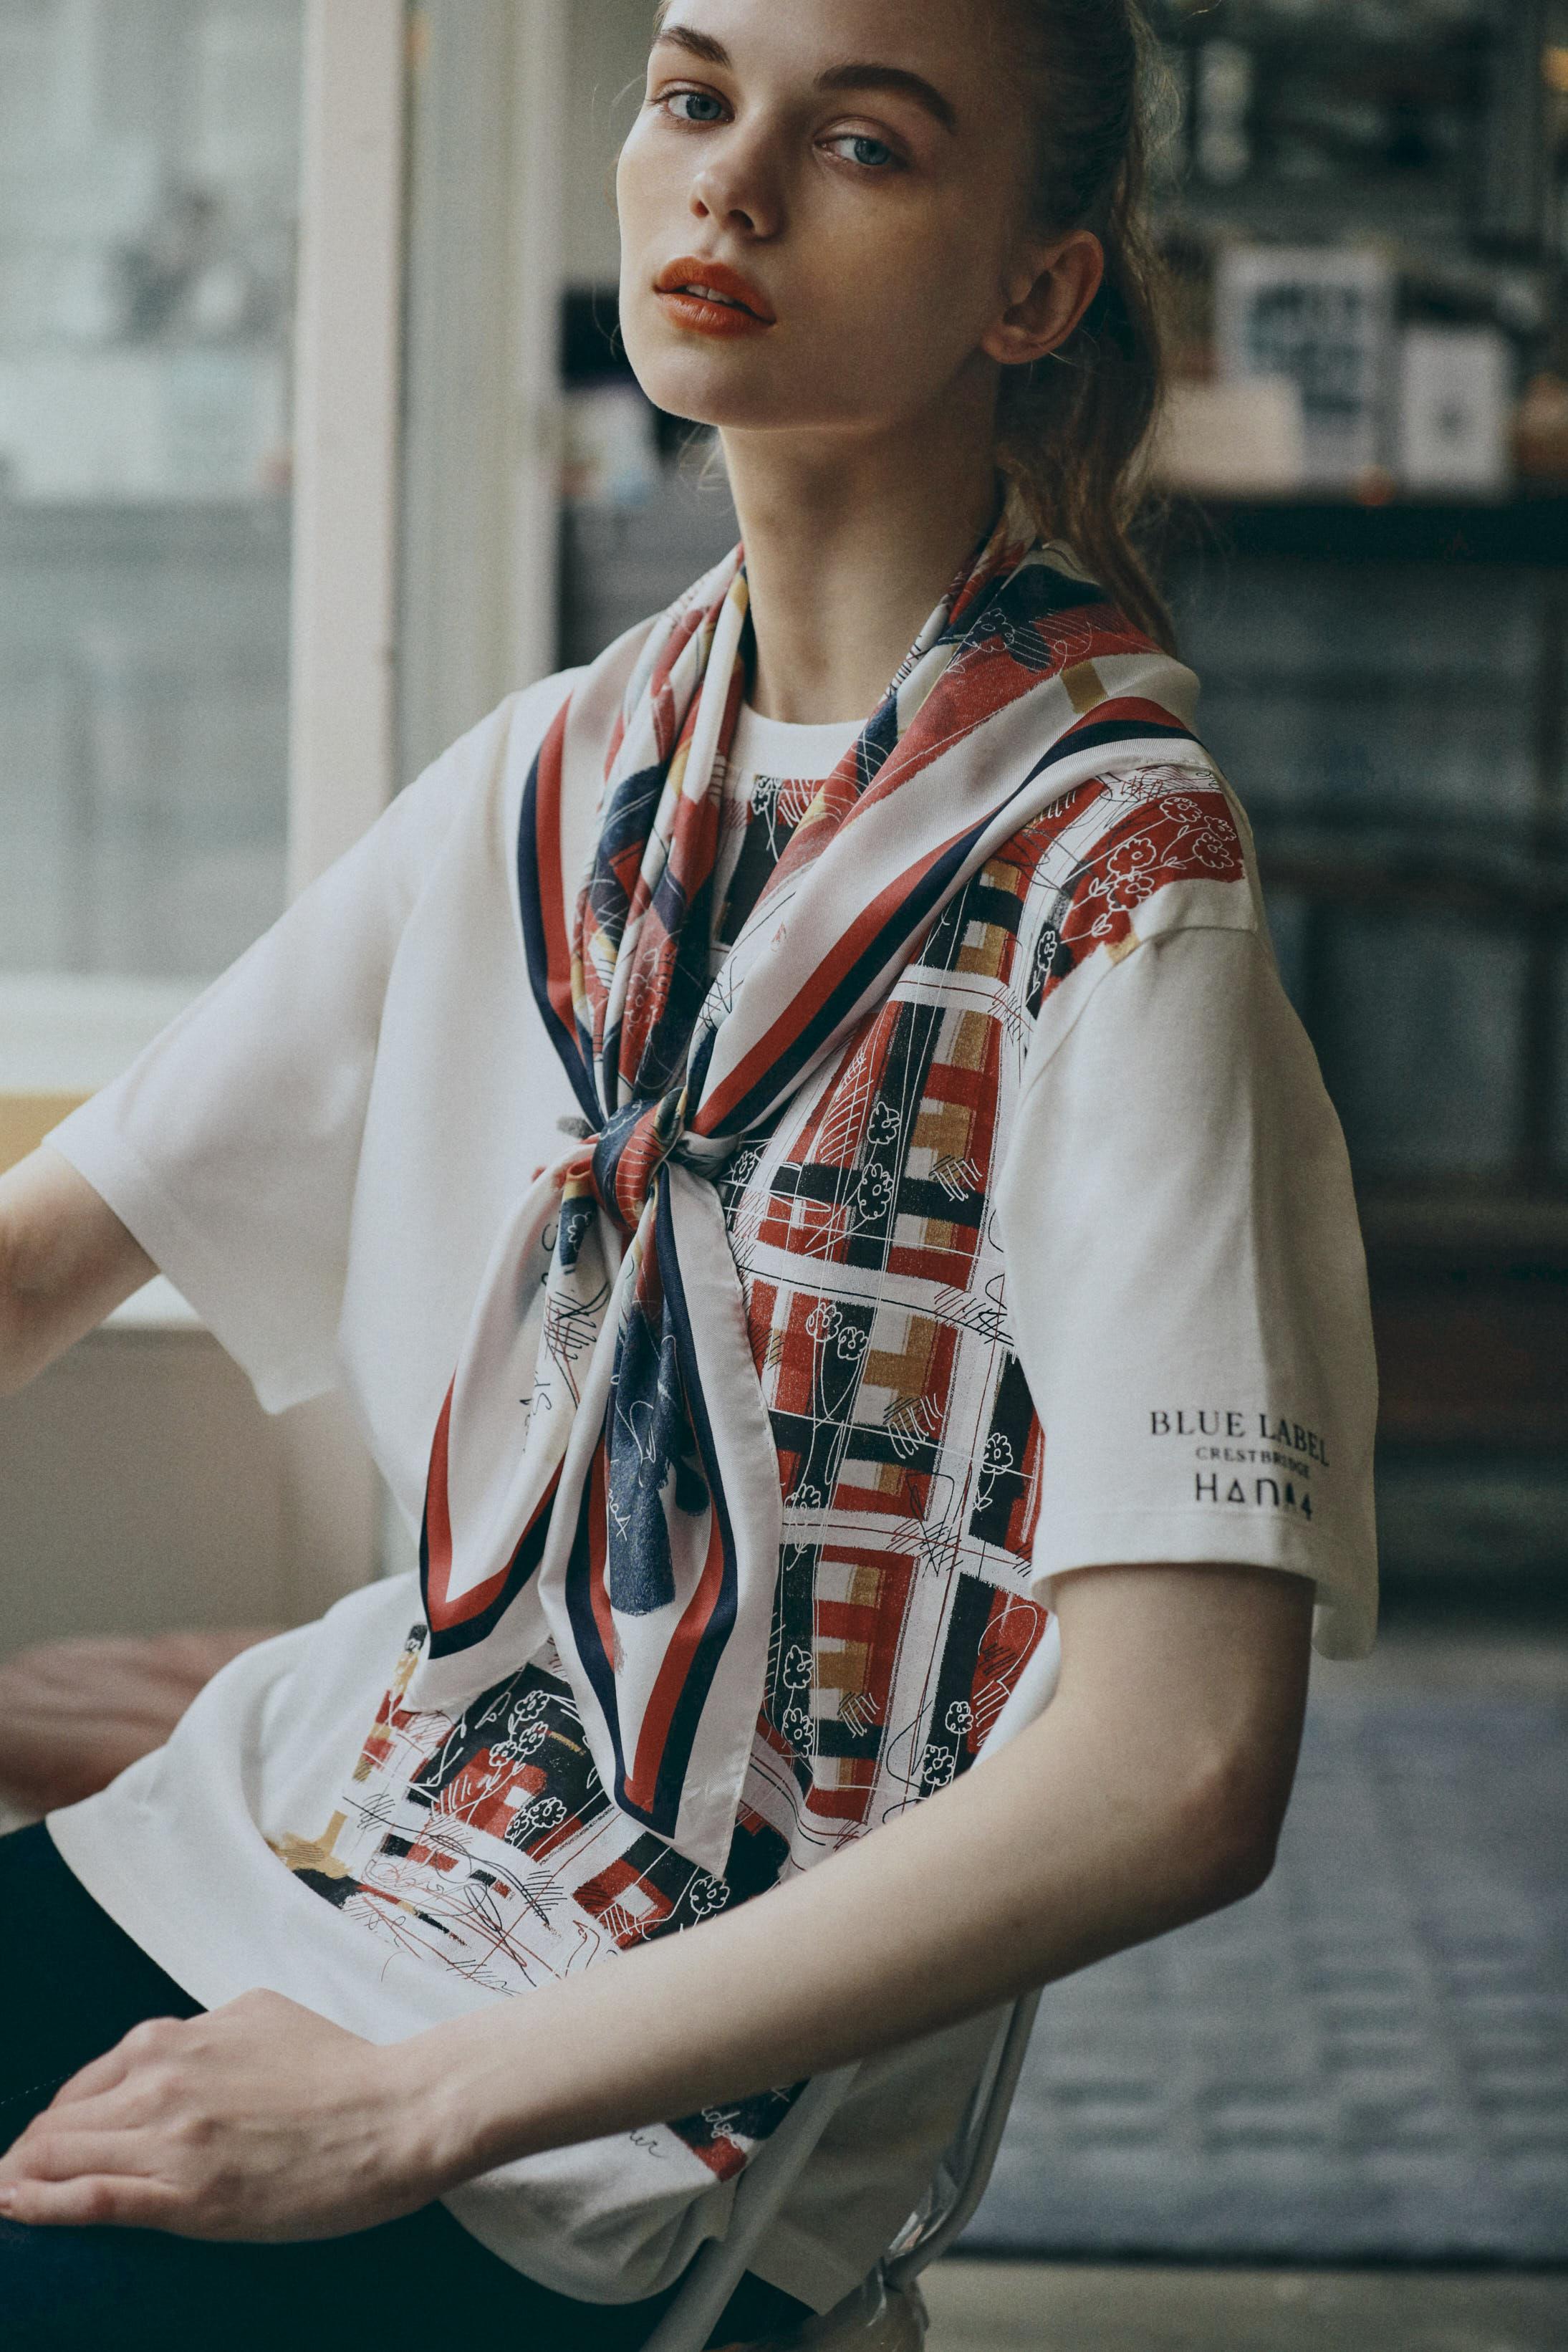 ブルーレーベル・クレストブリッジのHana4コラボTシャツとスカーフ